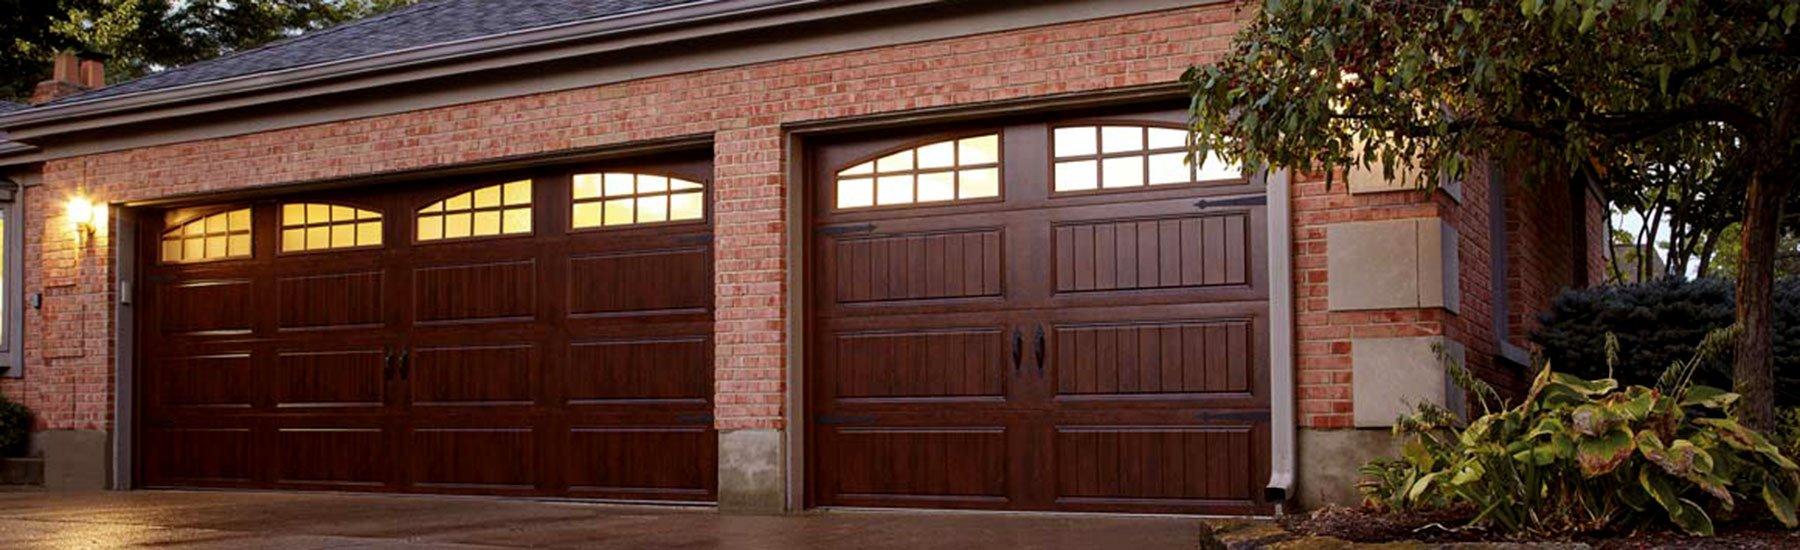 Garage Door Repairs Moreno Valley Ca Moreno Valley